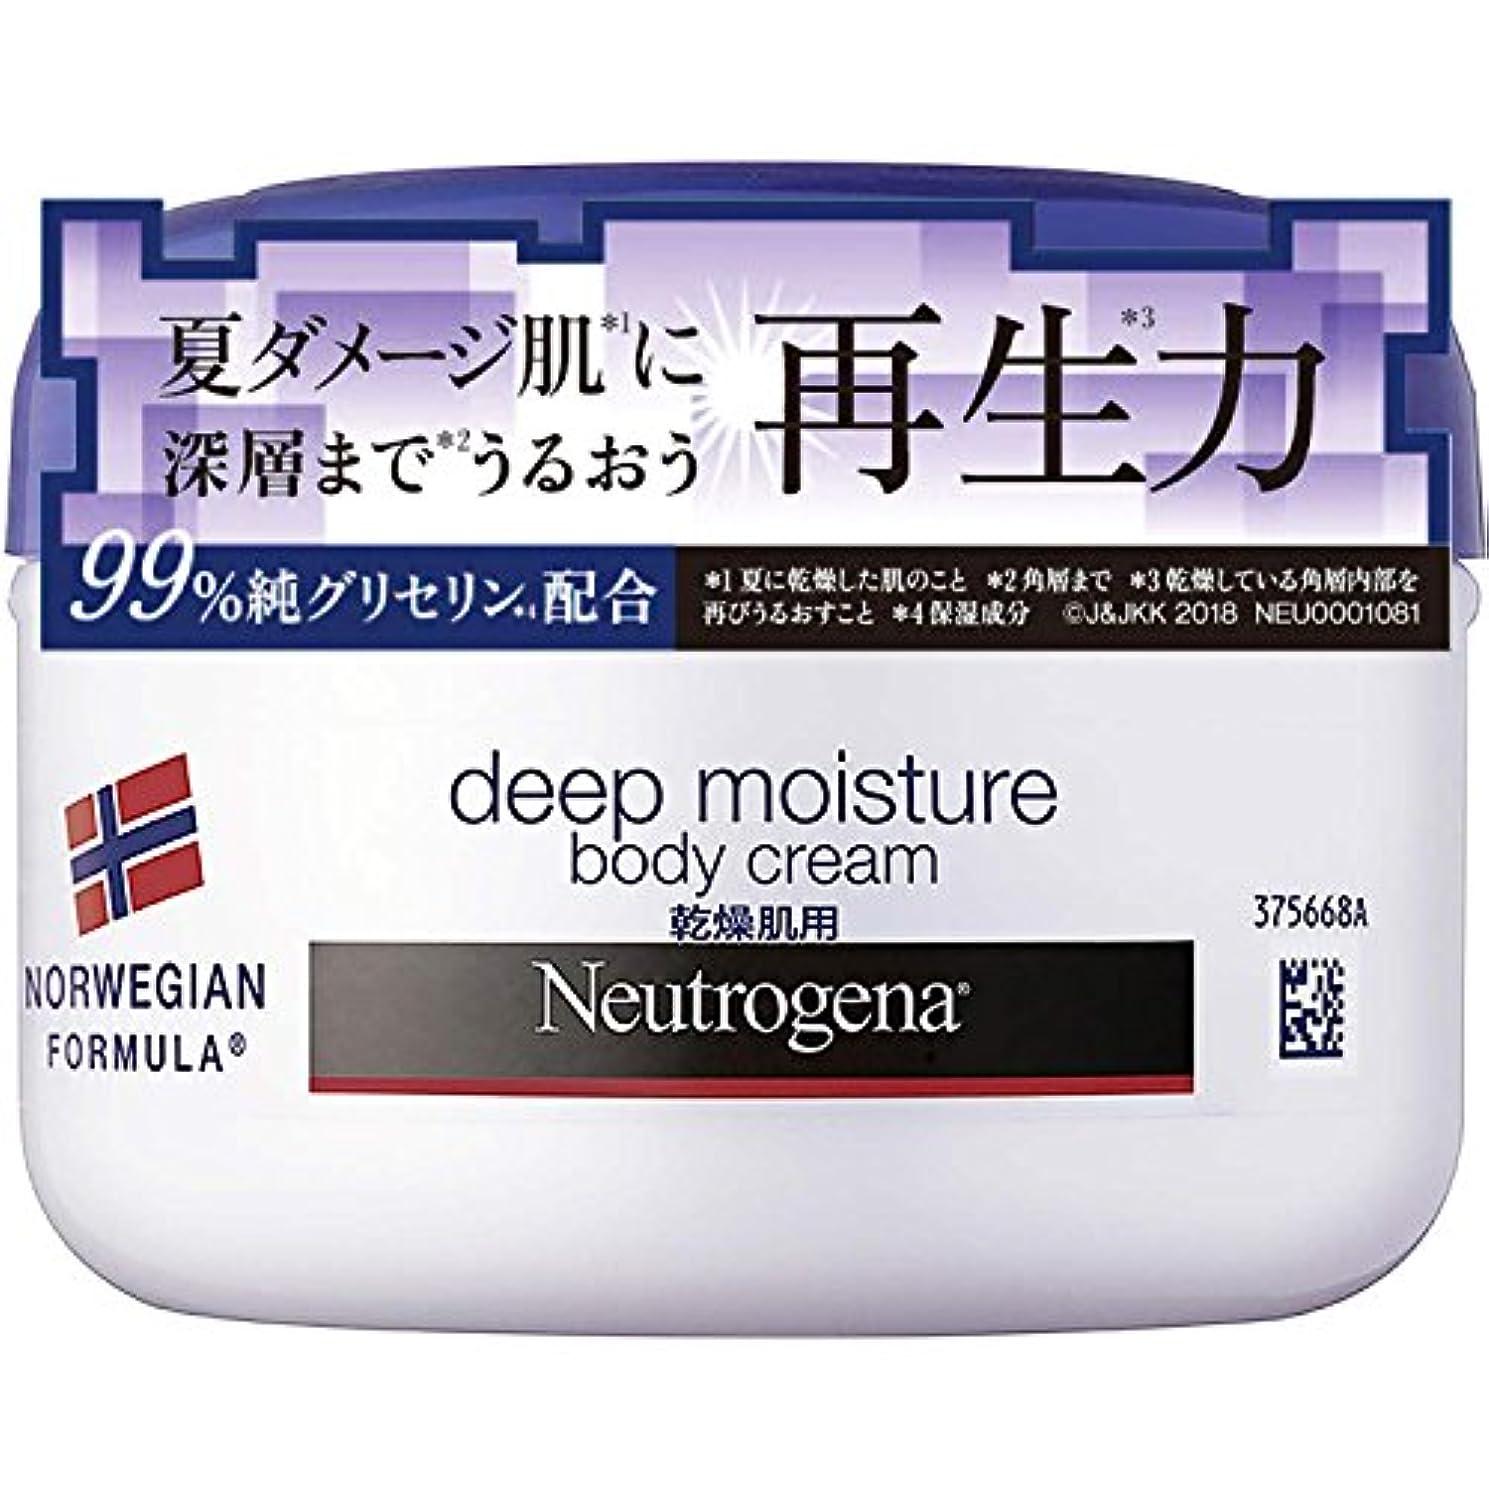 消費する警察降伏Neutrogena(ニュートロジーナ) ノルウェーフォーミュラ ディープモイスチャー ボディクリーム 乾燥肌用 微香性 200ml